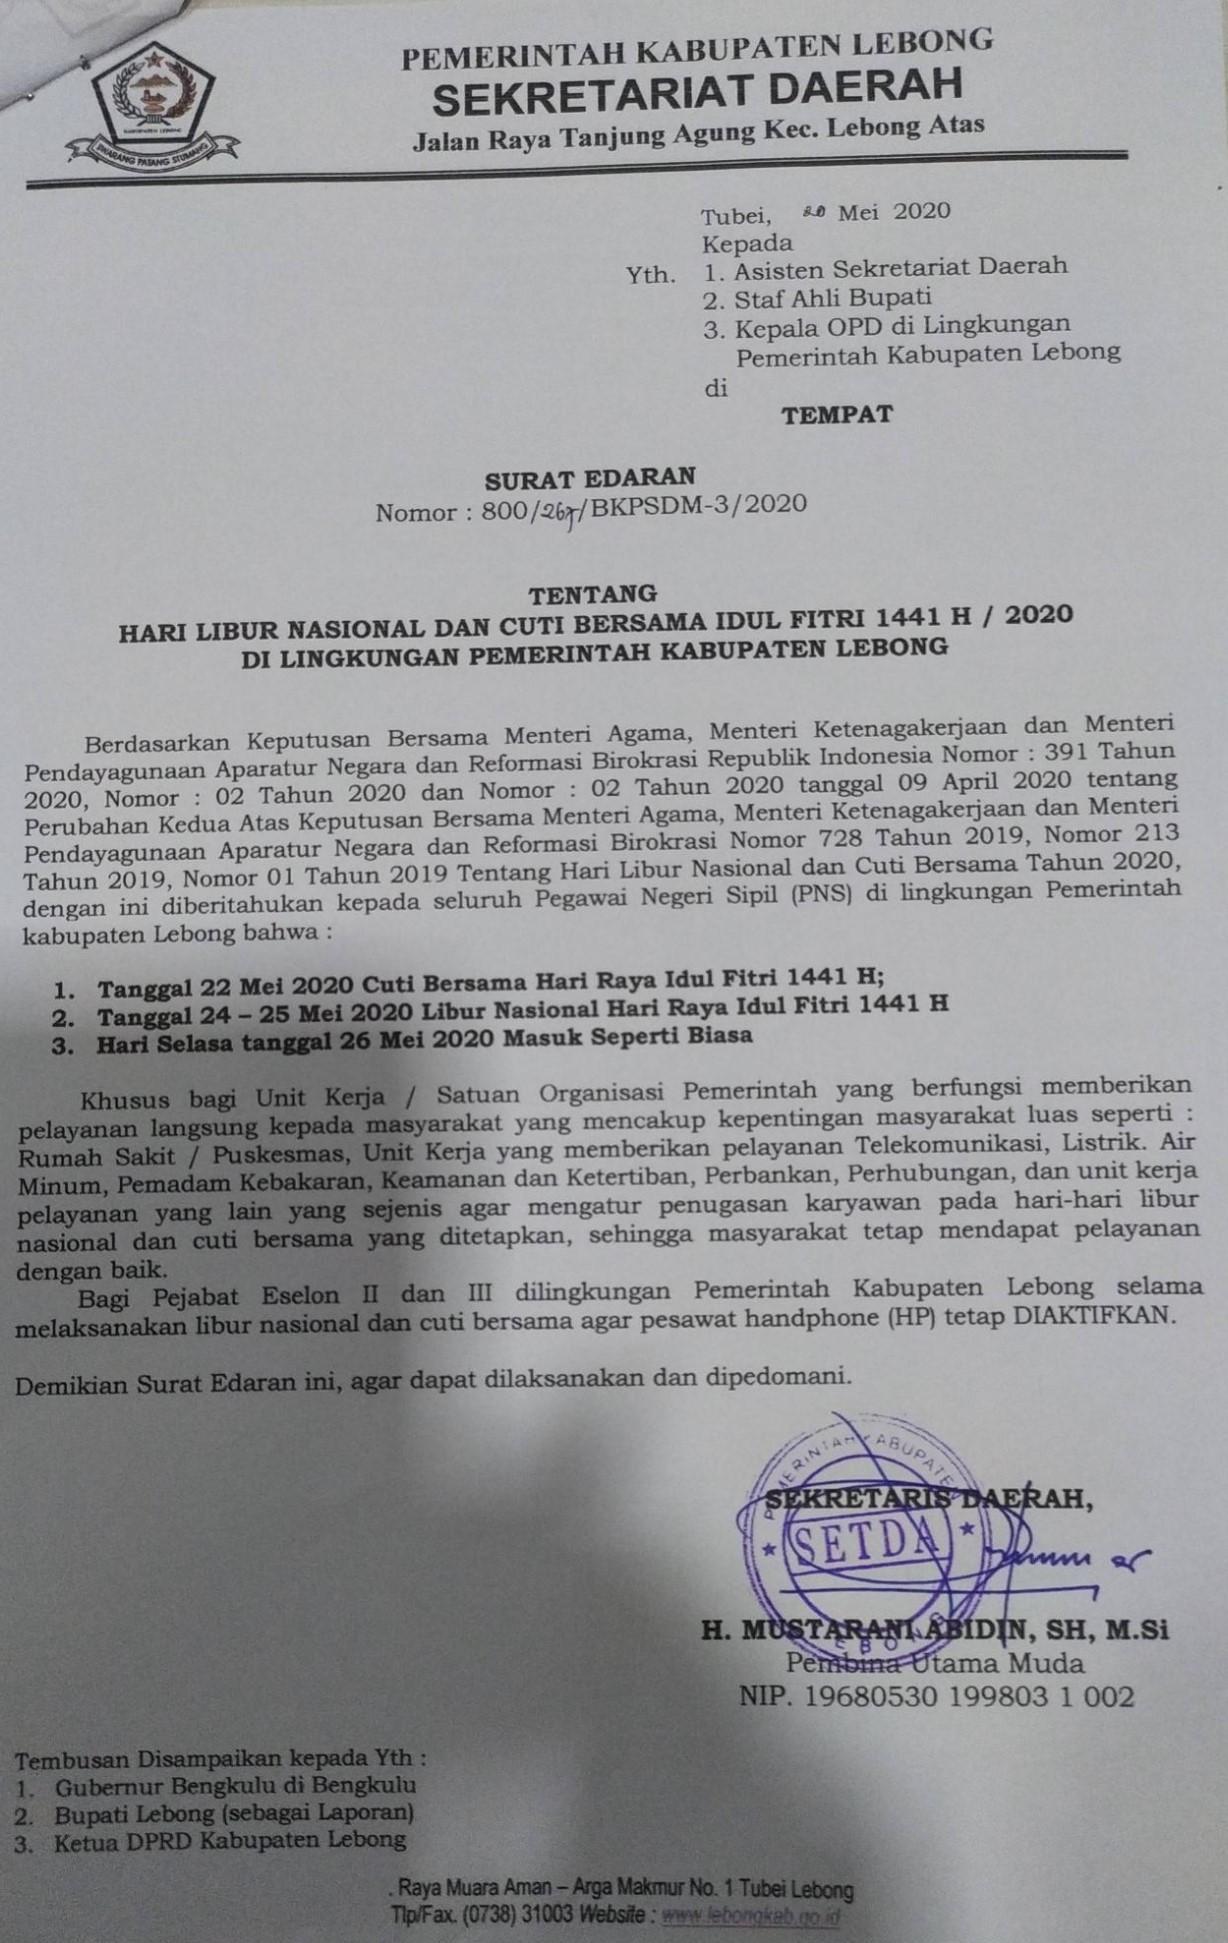 Hari Libur Nasional dan Cuti Bersama Idul Fitri 1441 H/2020 M di Lingkungan Pemerintah Kabupaten Leb